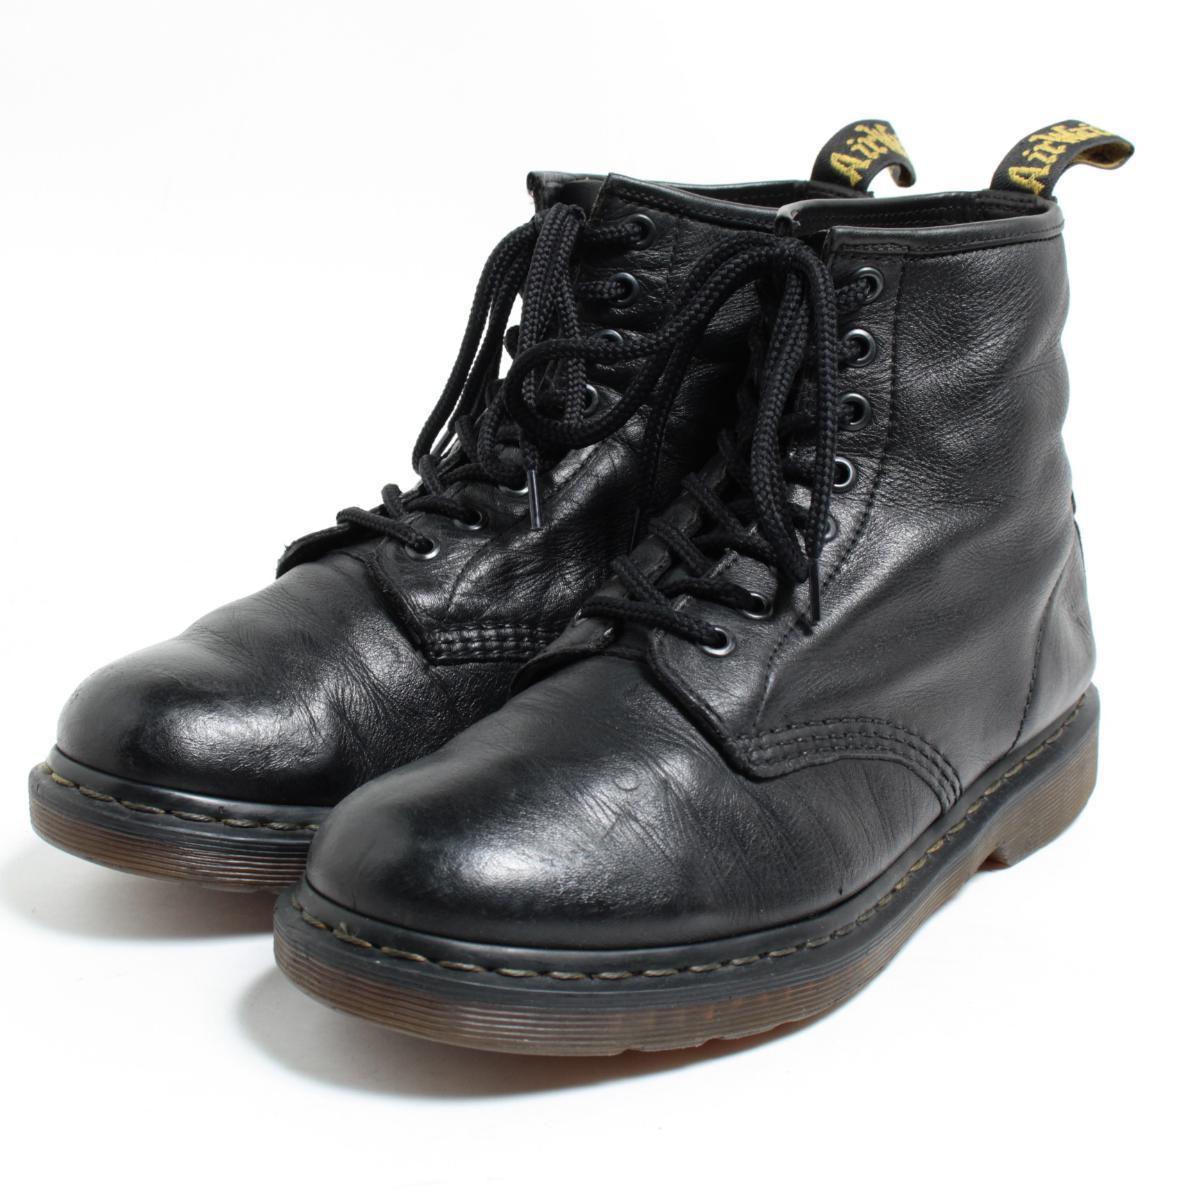 ドクターマーチン Dr.Martens 8ホールブーツ UK7 メンズ25.5cm /bol8074 【中古】 【170928】